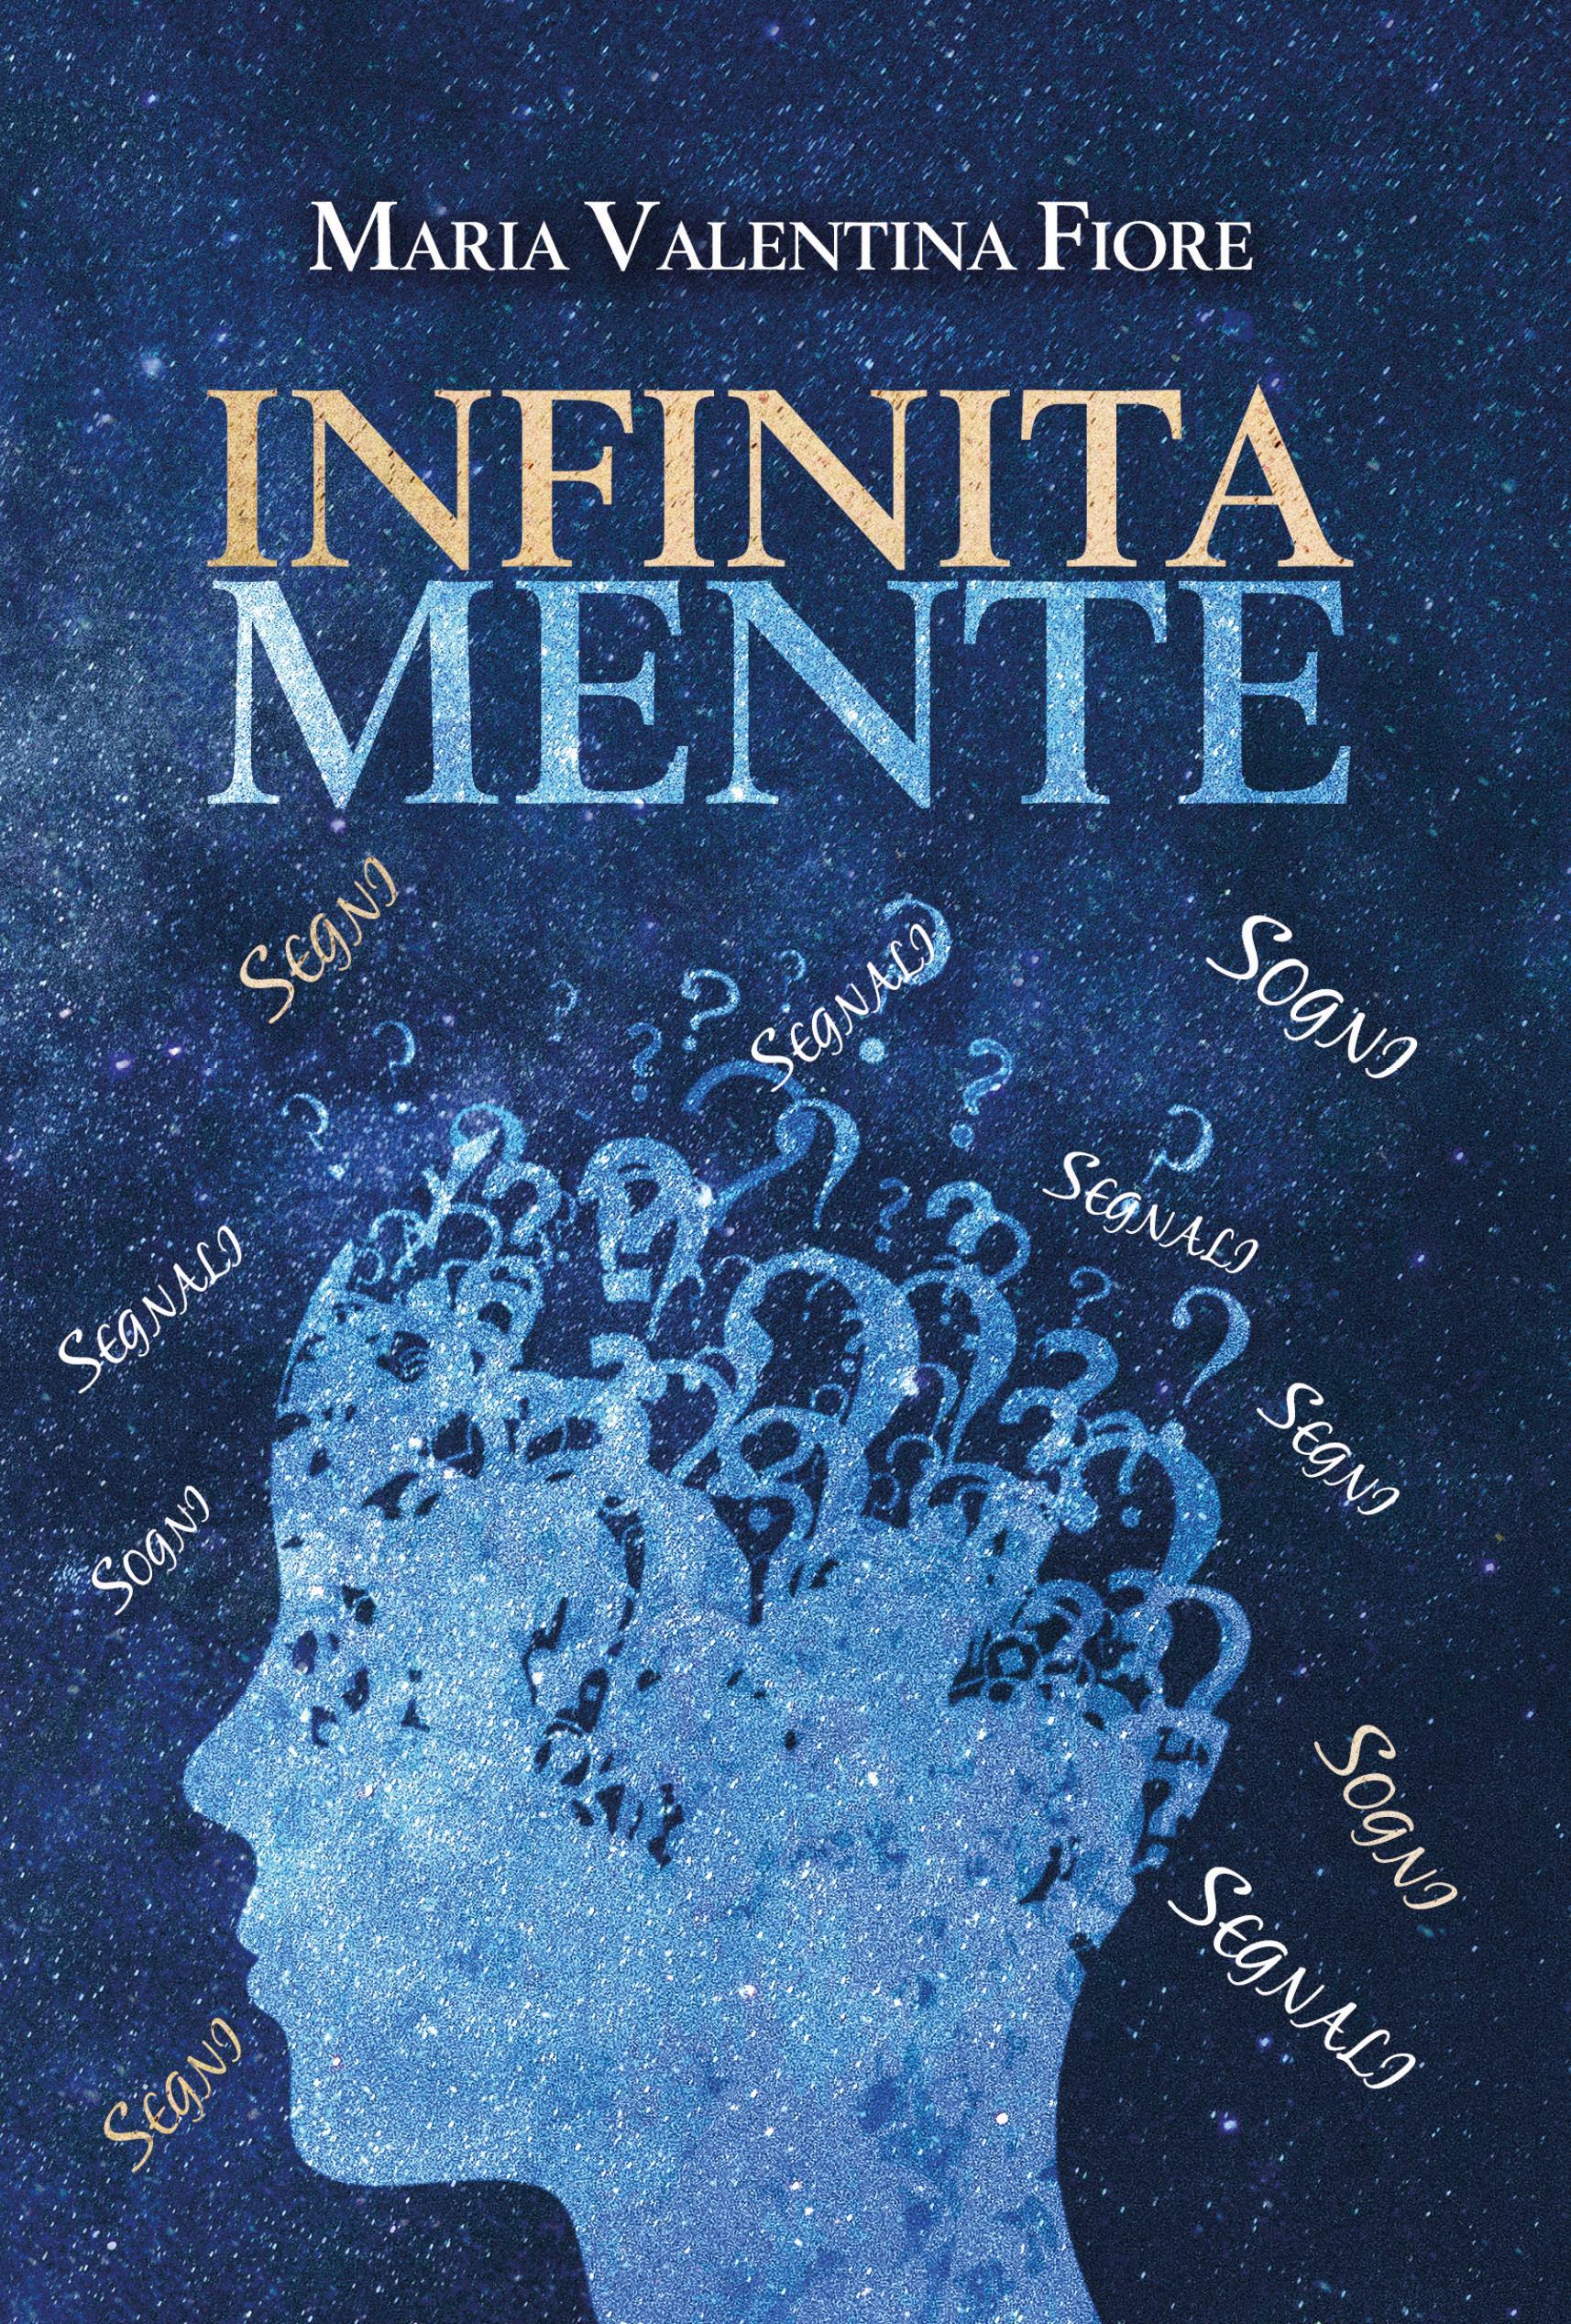 Infinita mente